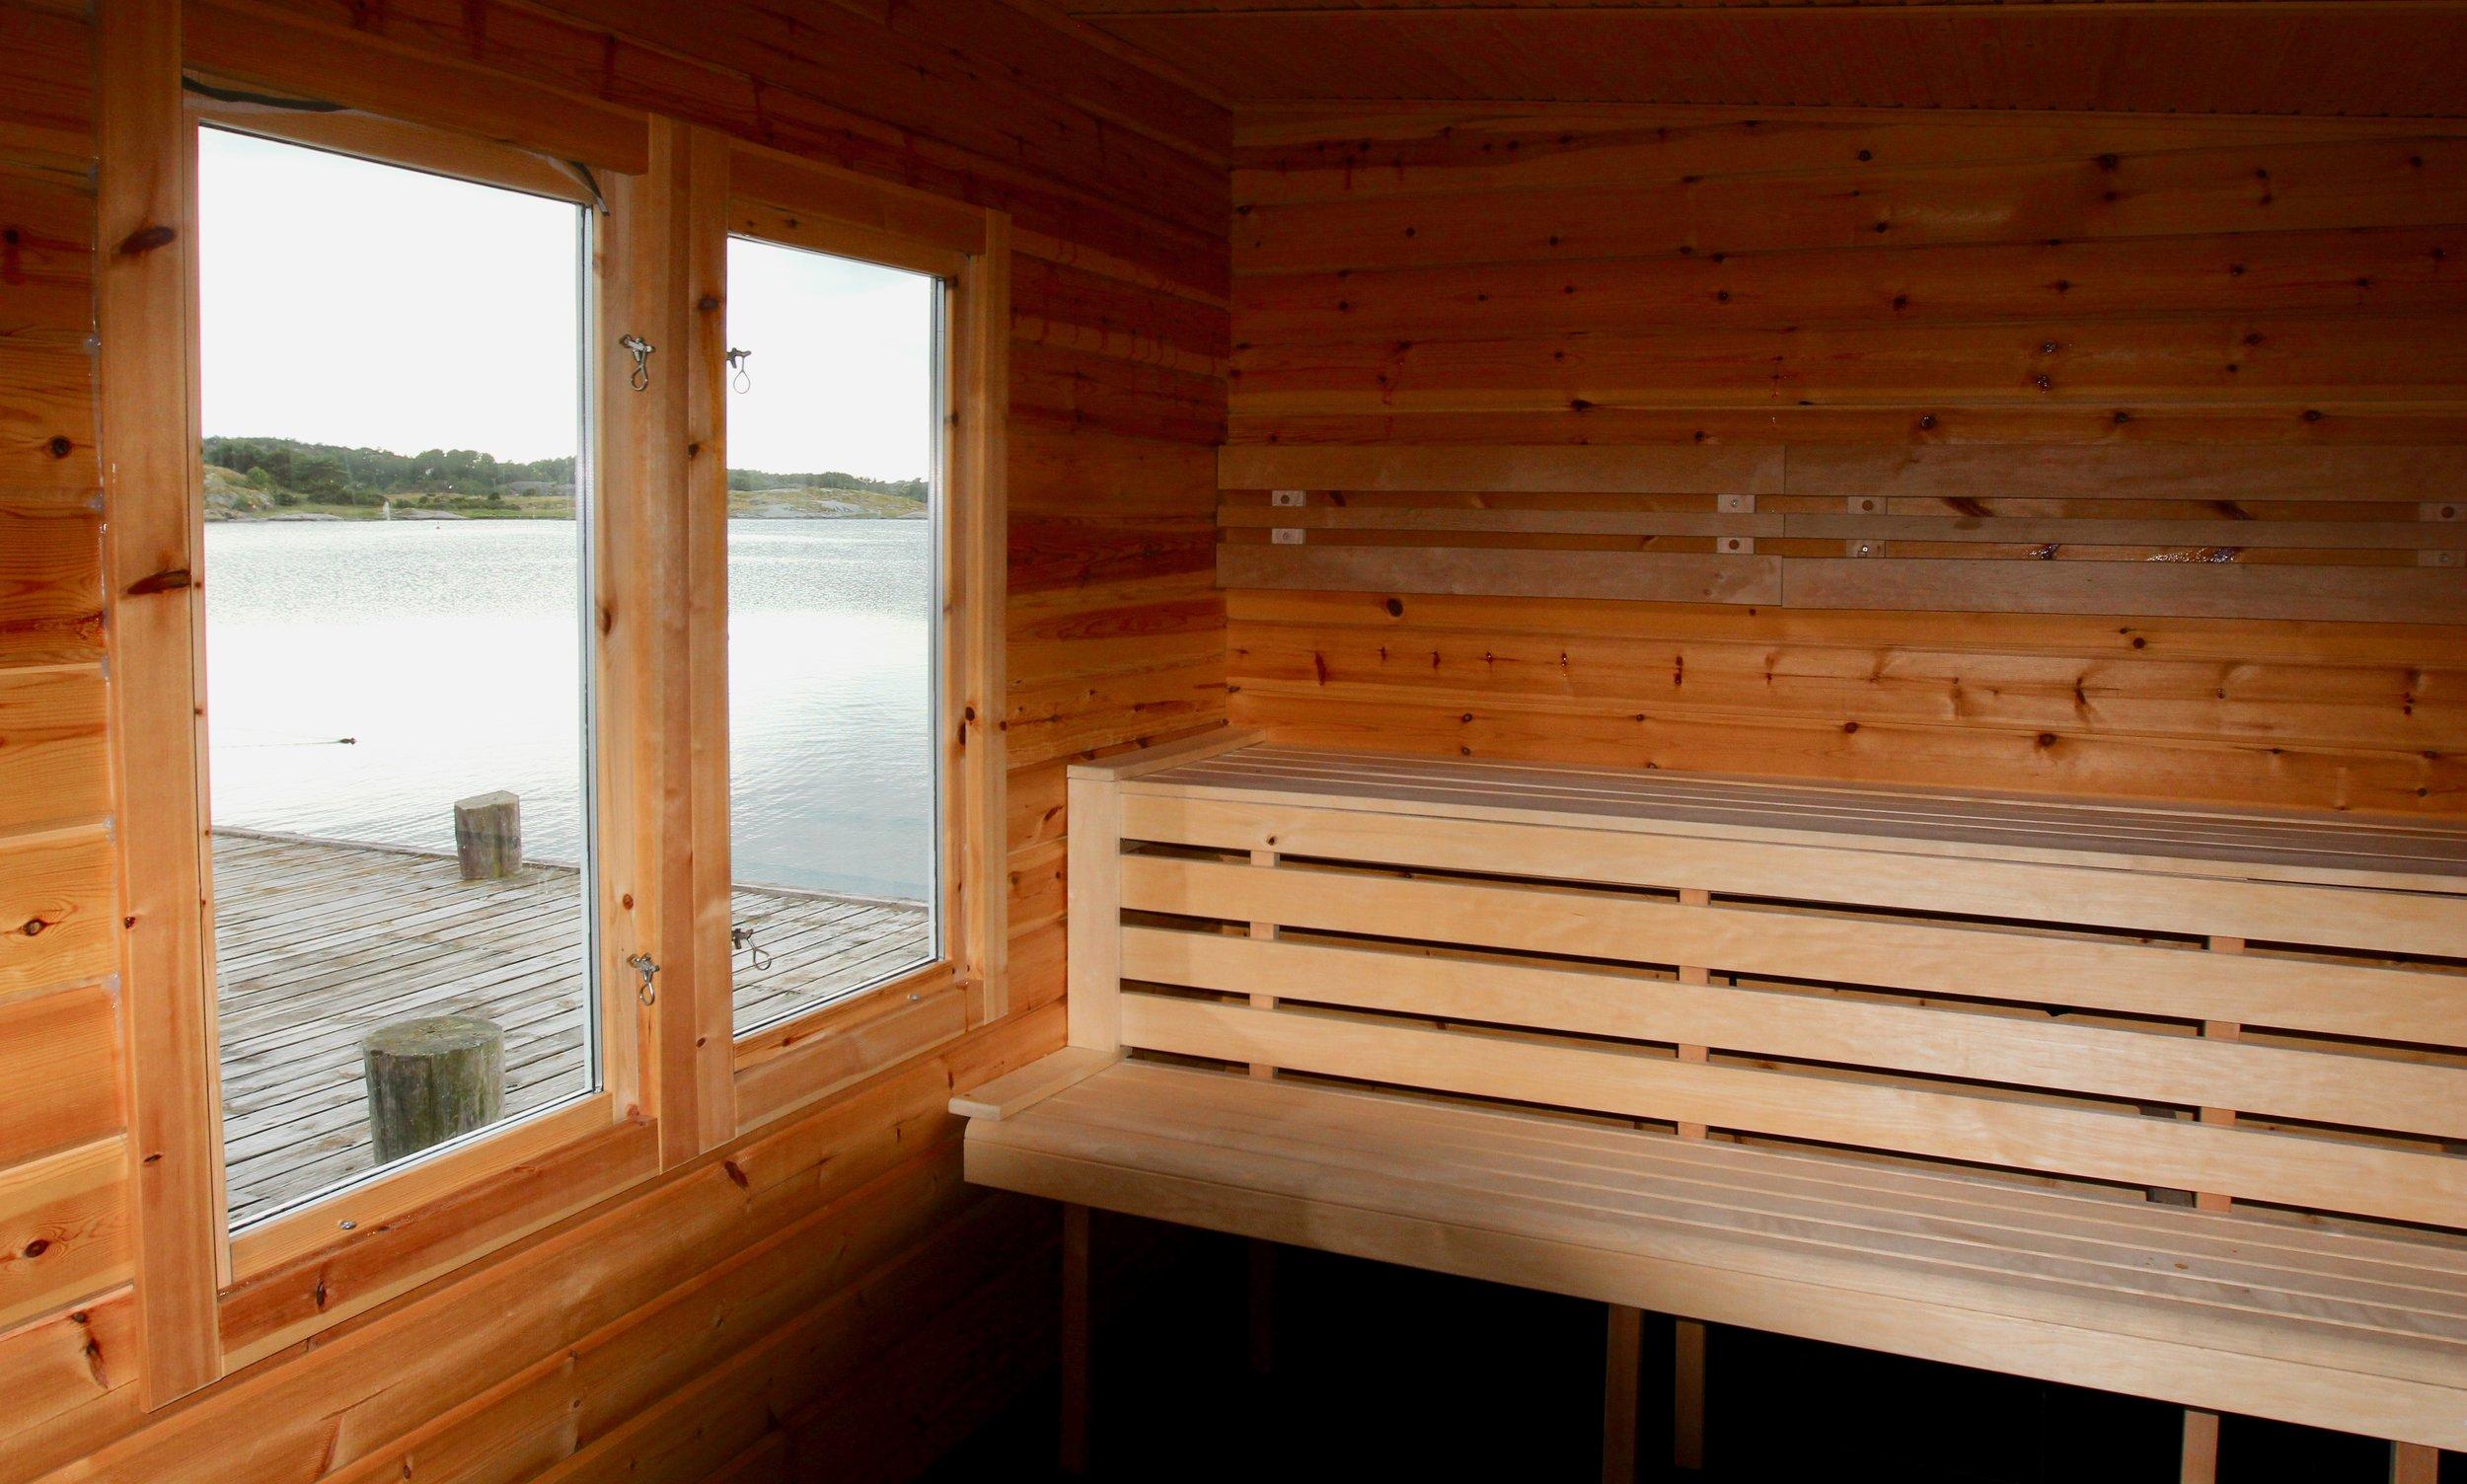 sauna-thetravelinspector